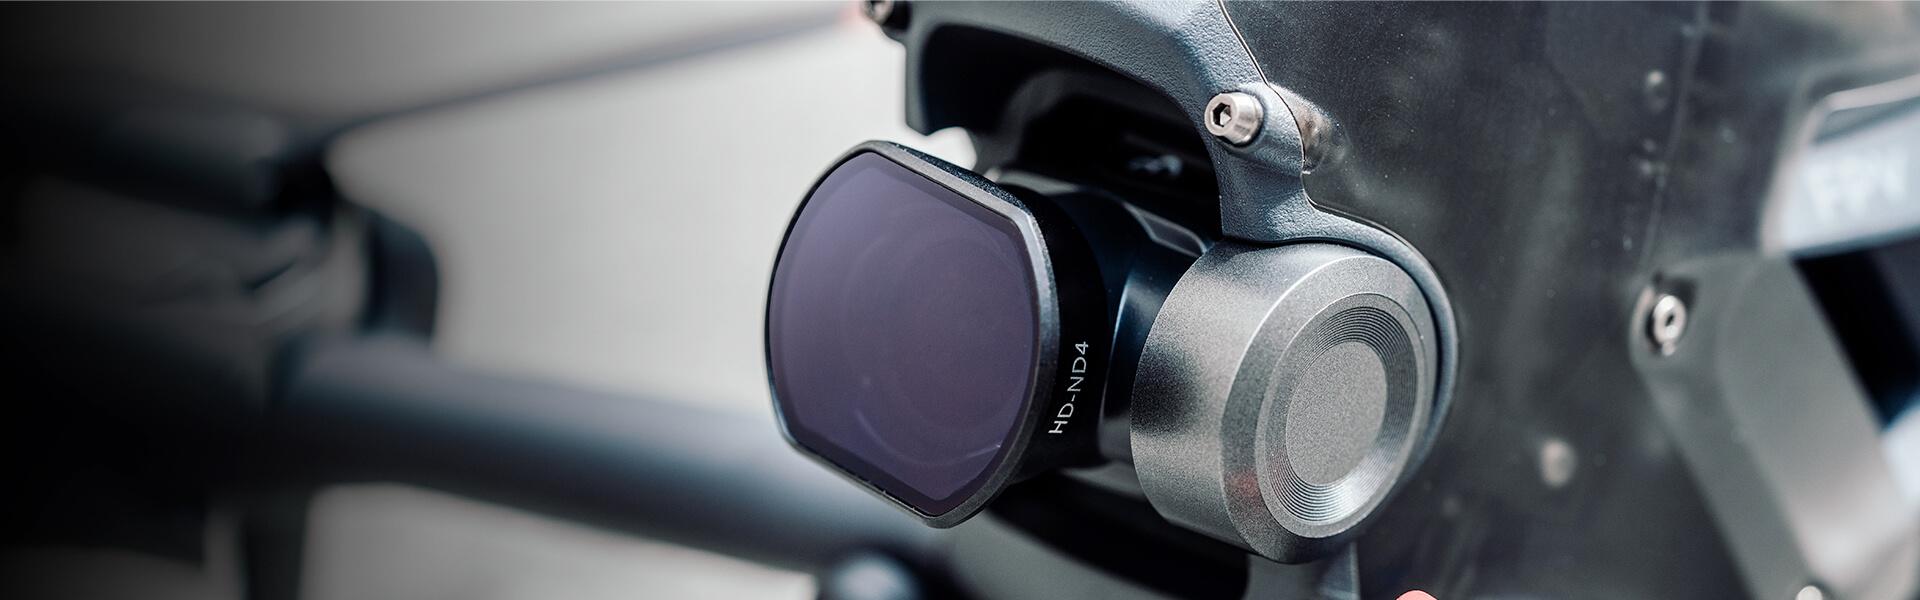 Kính-lọc-filter-DJI-FPV-Drone-DJI-FPV-Filter-ND-set 4/8/16-PGYtech-1